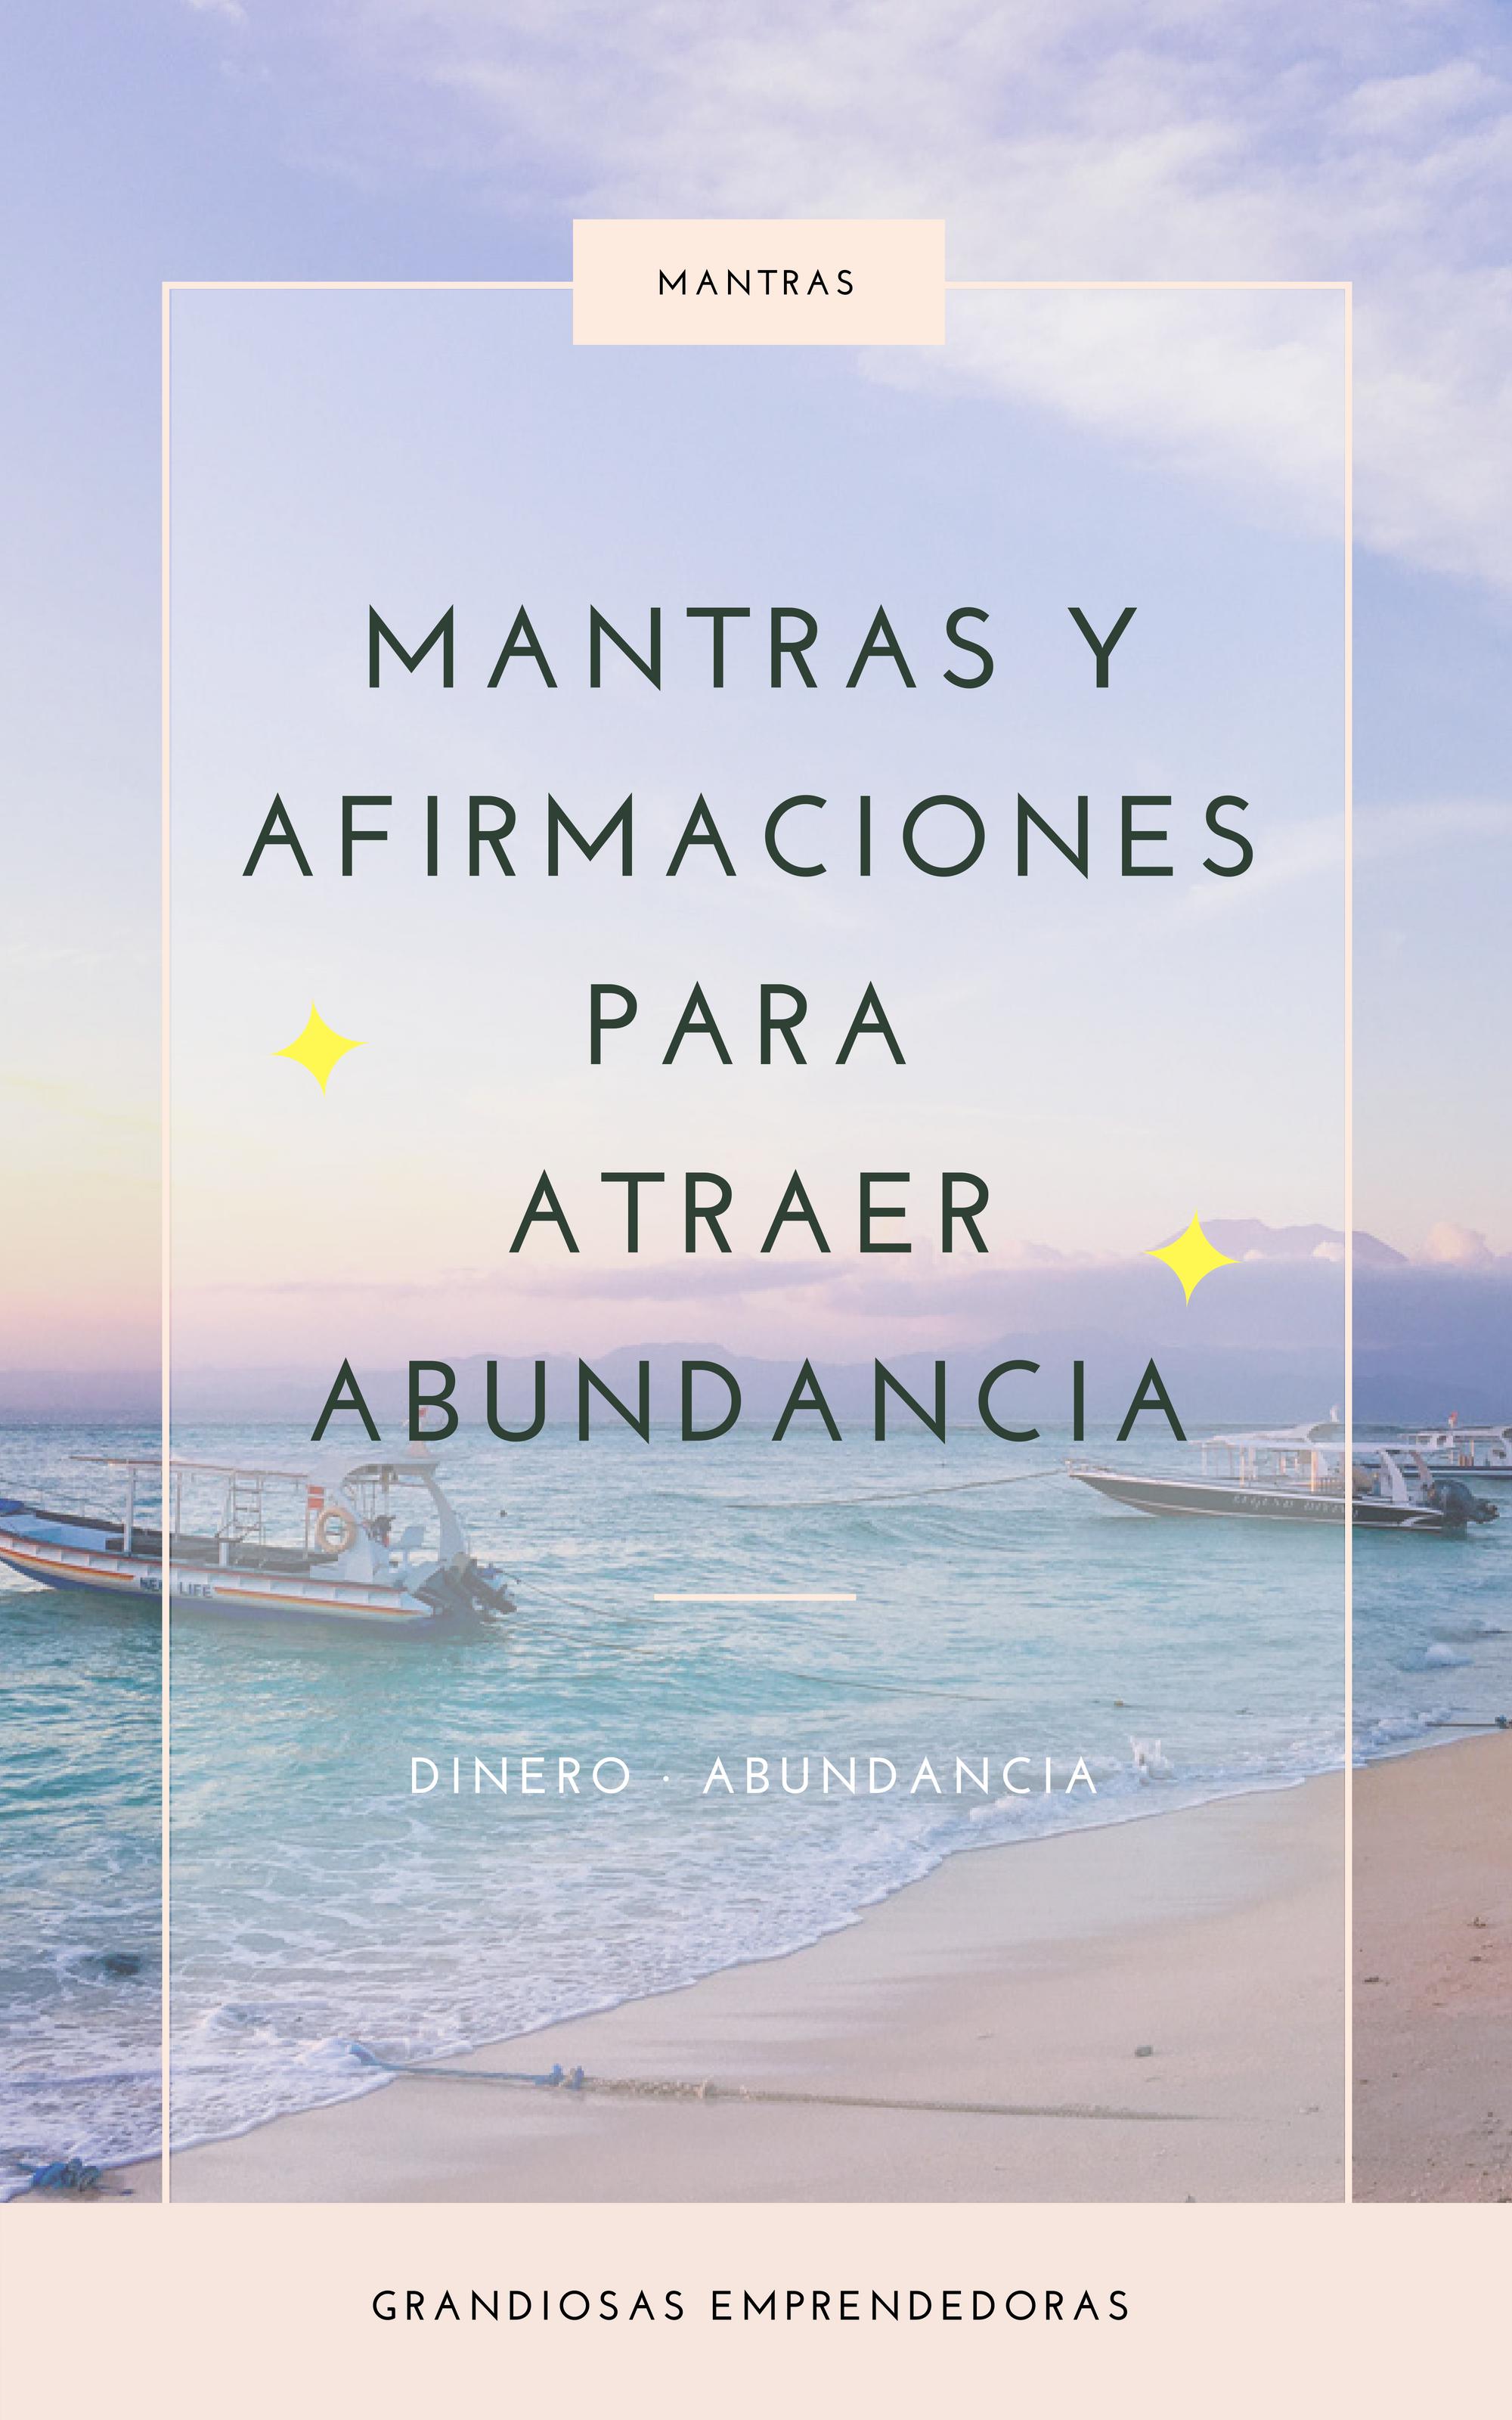 GE - Blog - Mantras abundancia 2.png